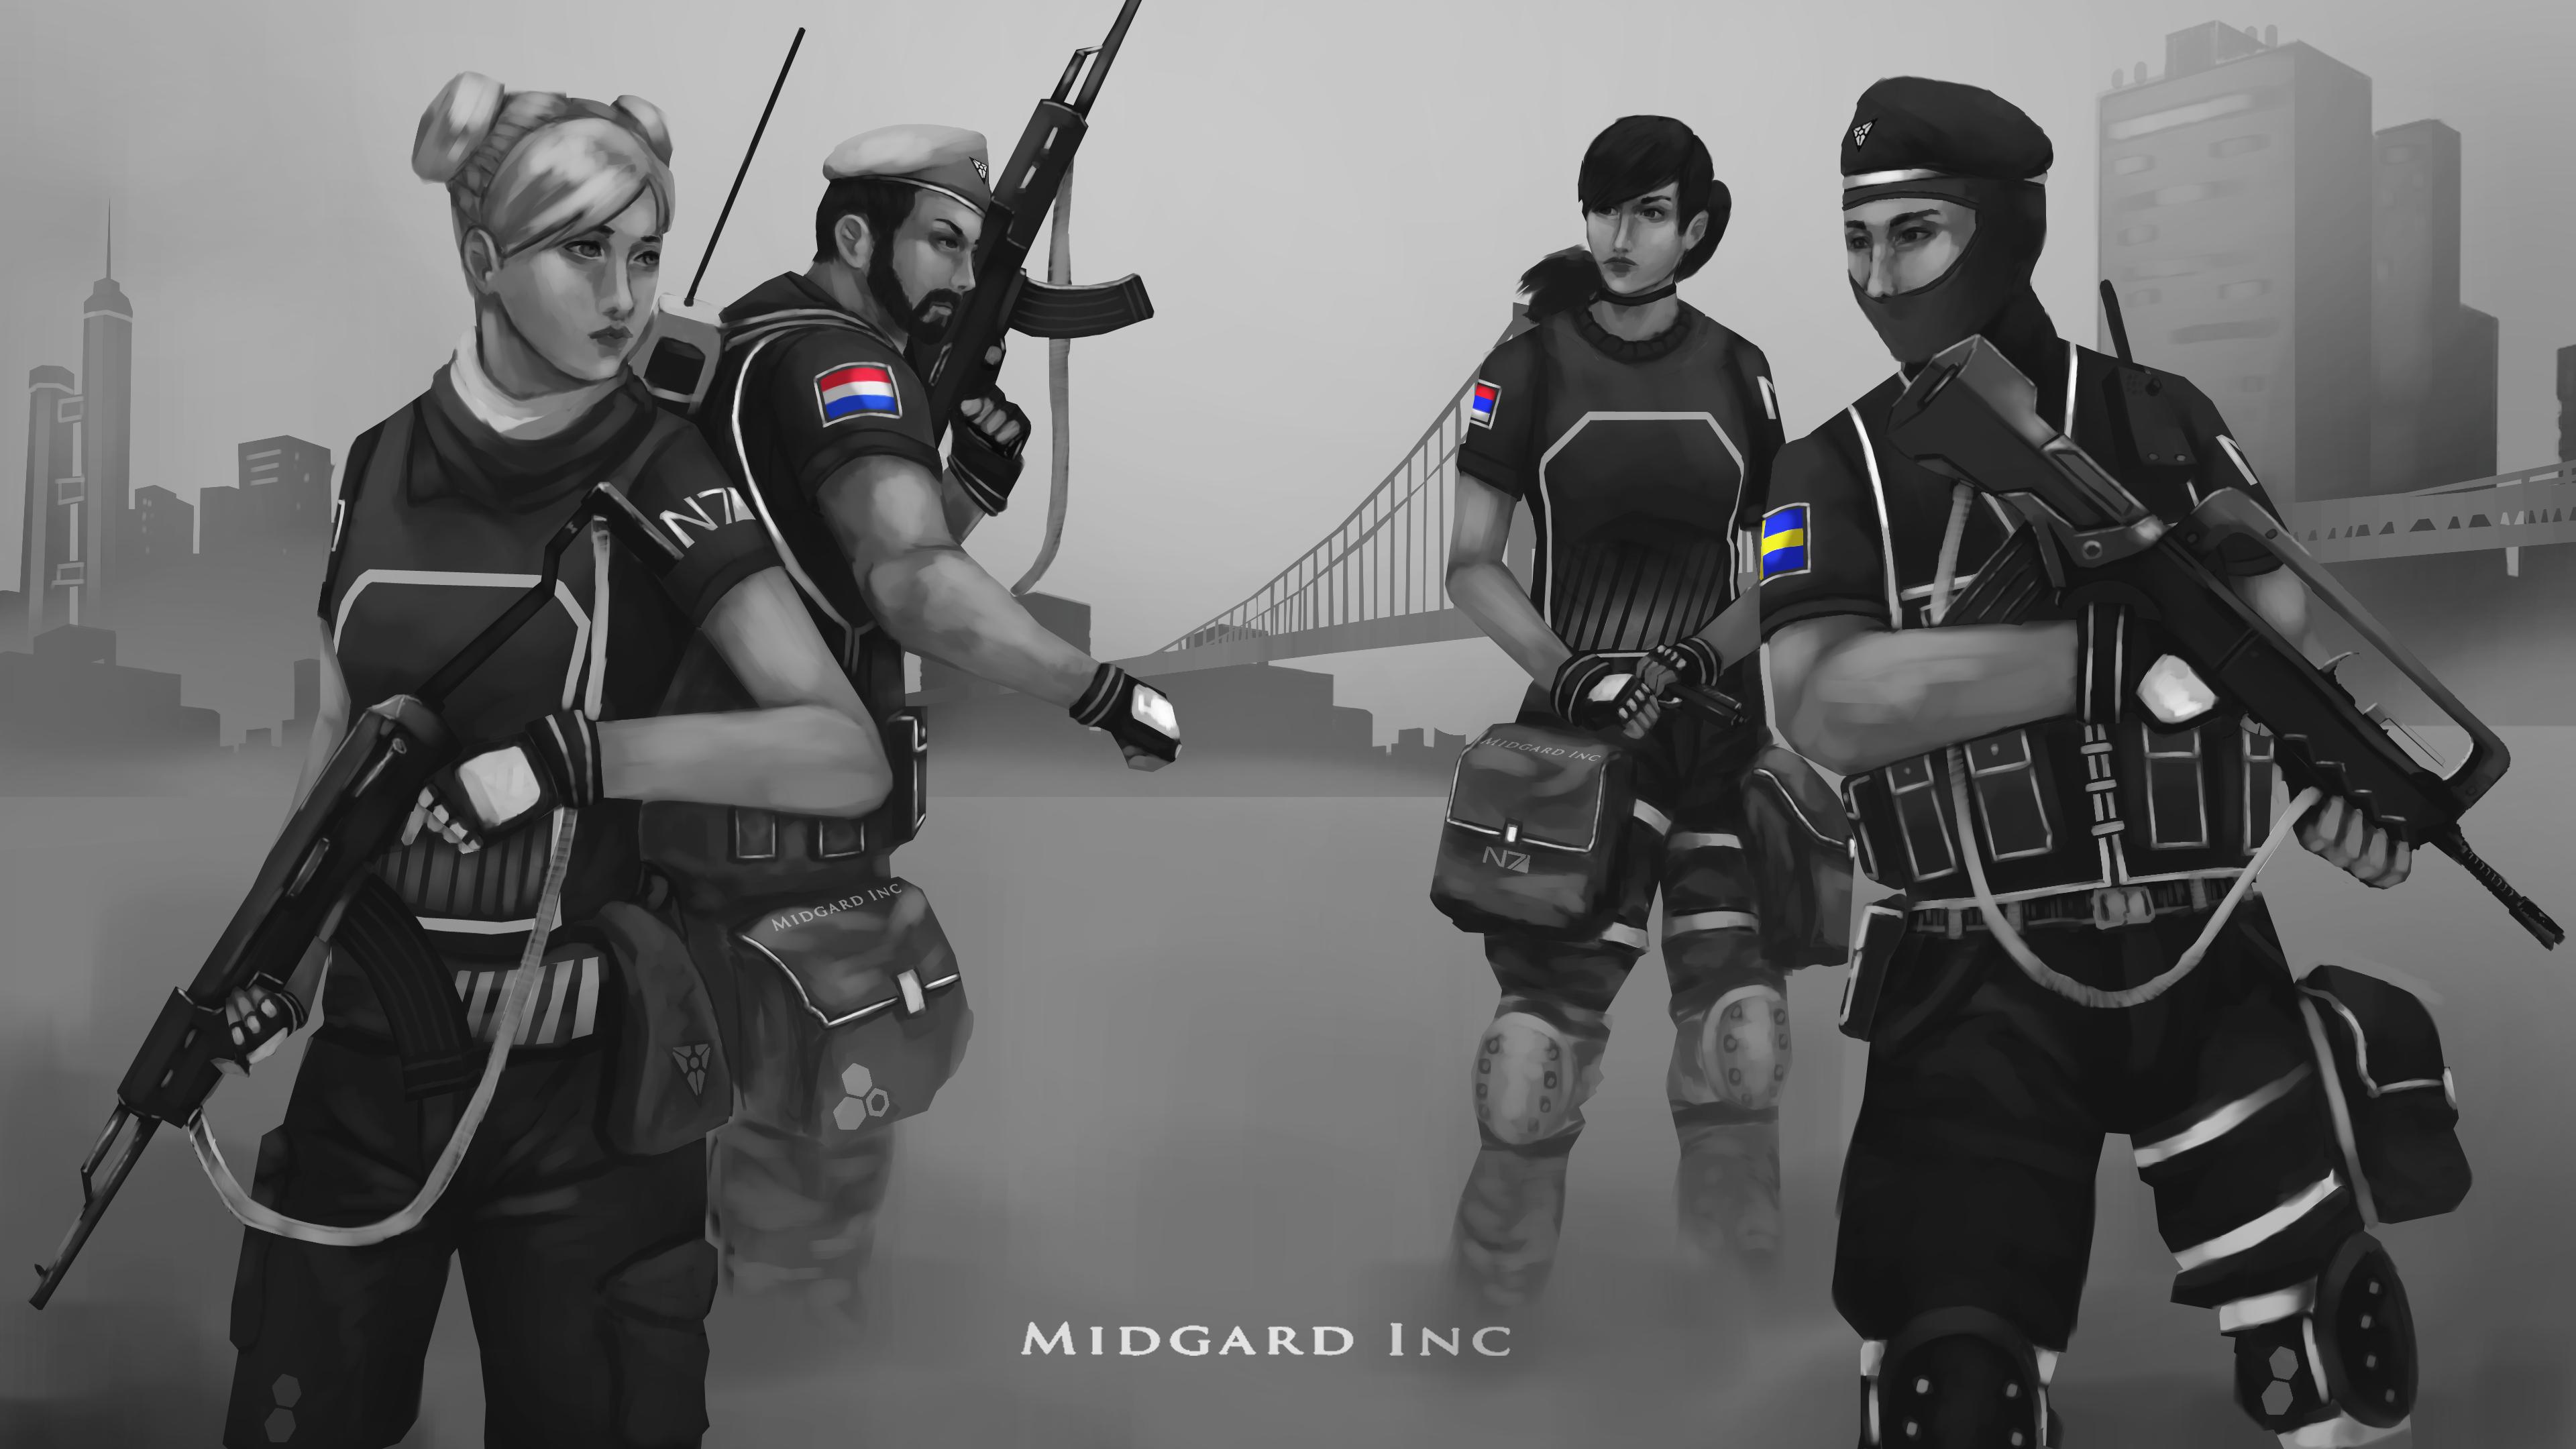 midgardinc2020.png